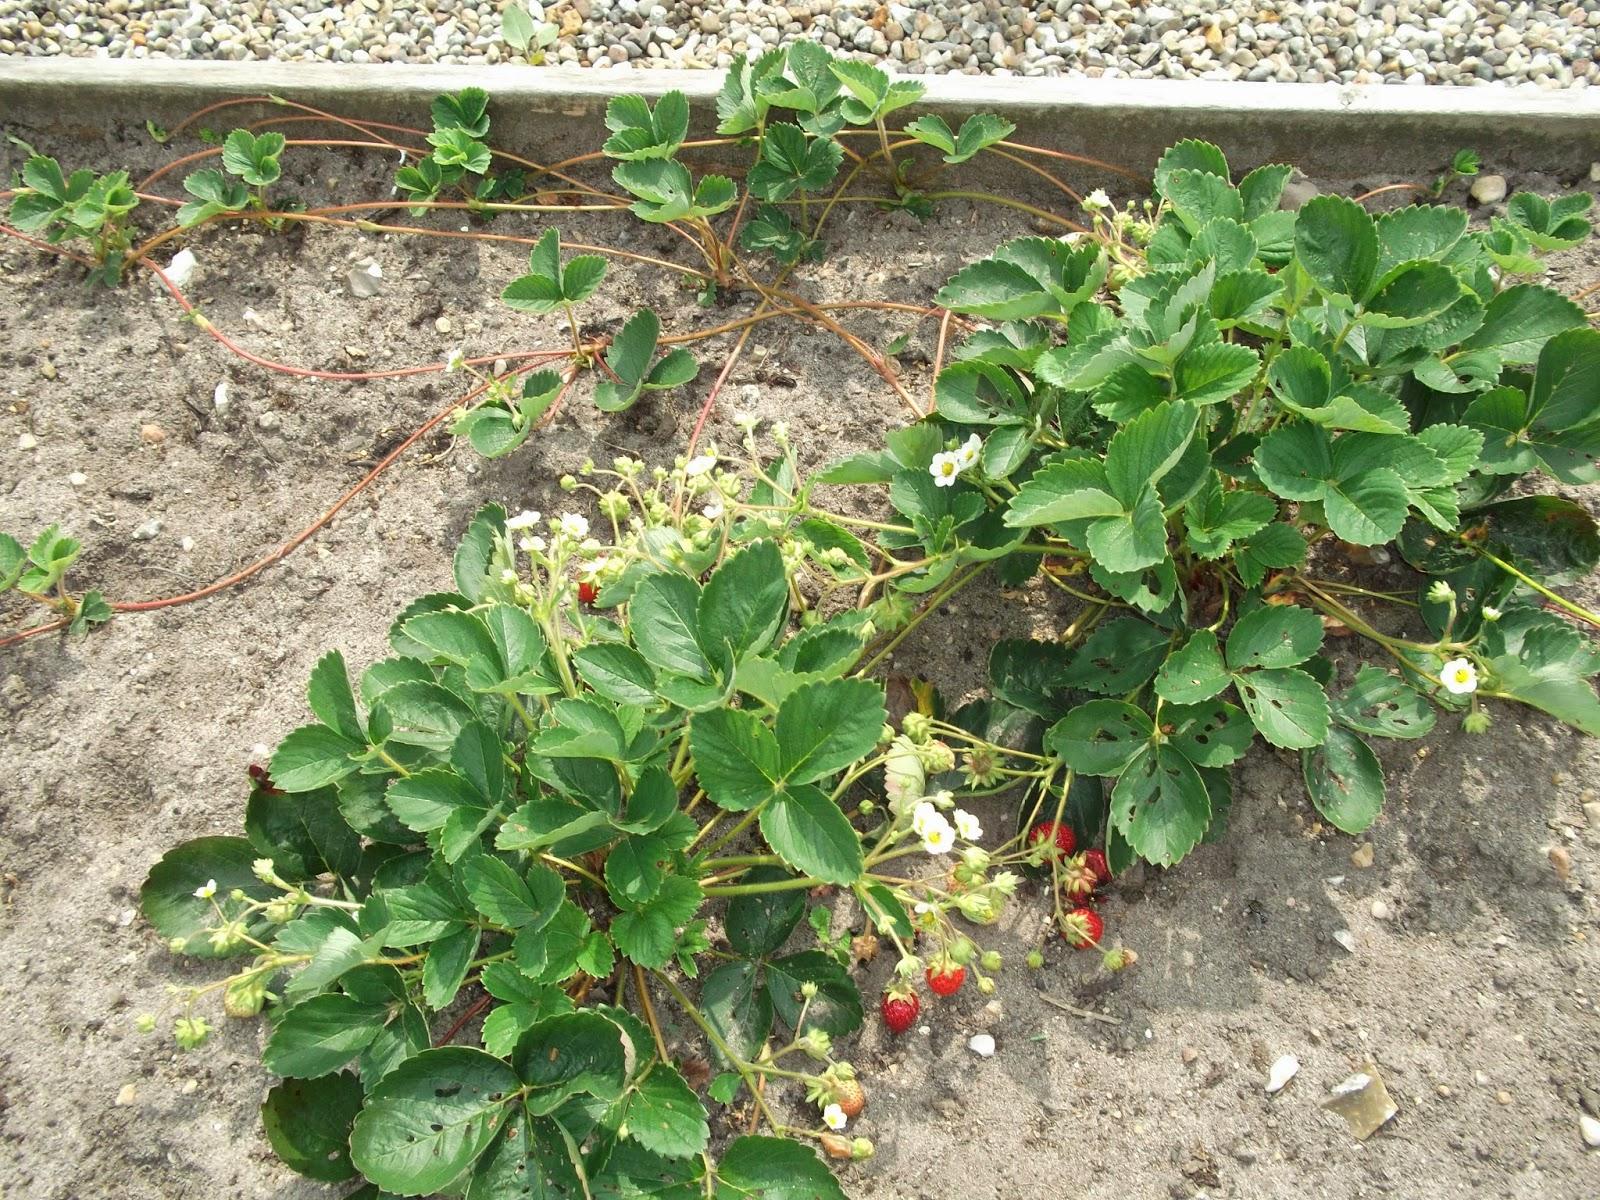 jordbær planter i krukker